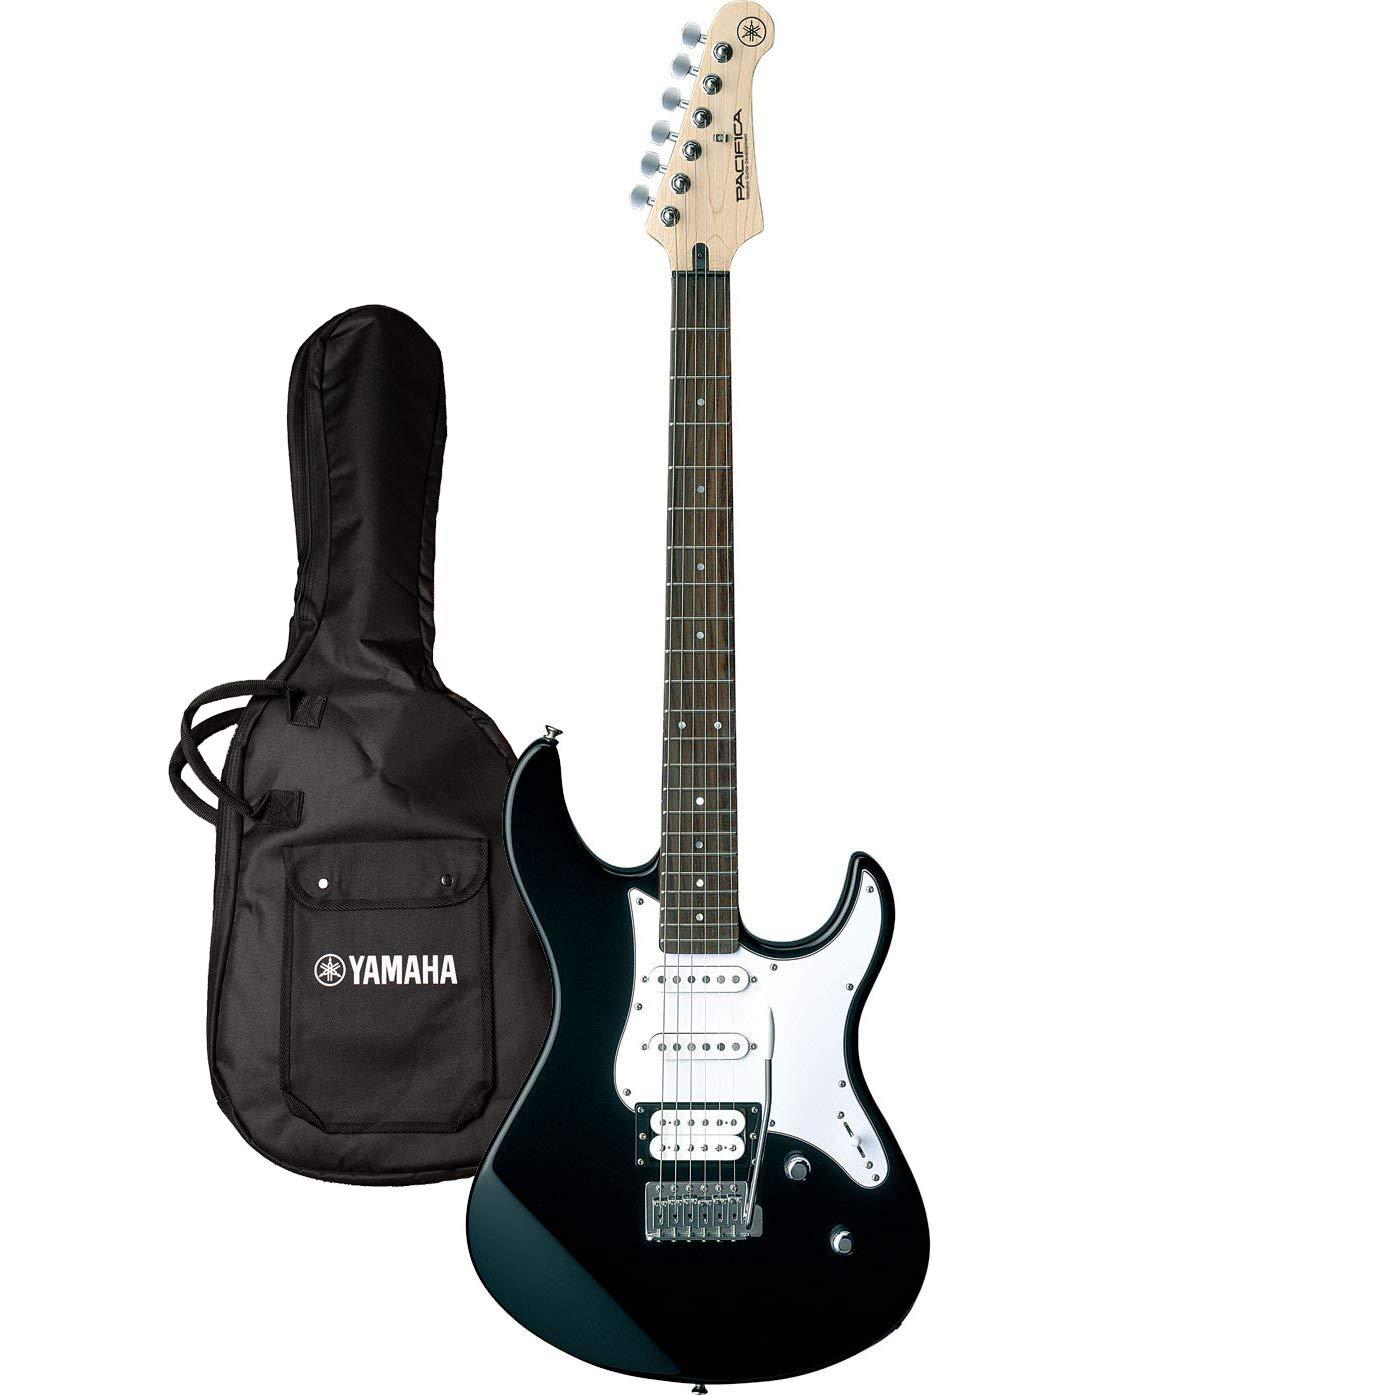 ヤマハ YAMAHA エレキギター PACIFICA112V BL ブラック  ブラック(BL) B0010X7LF8